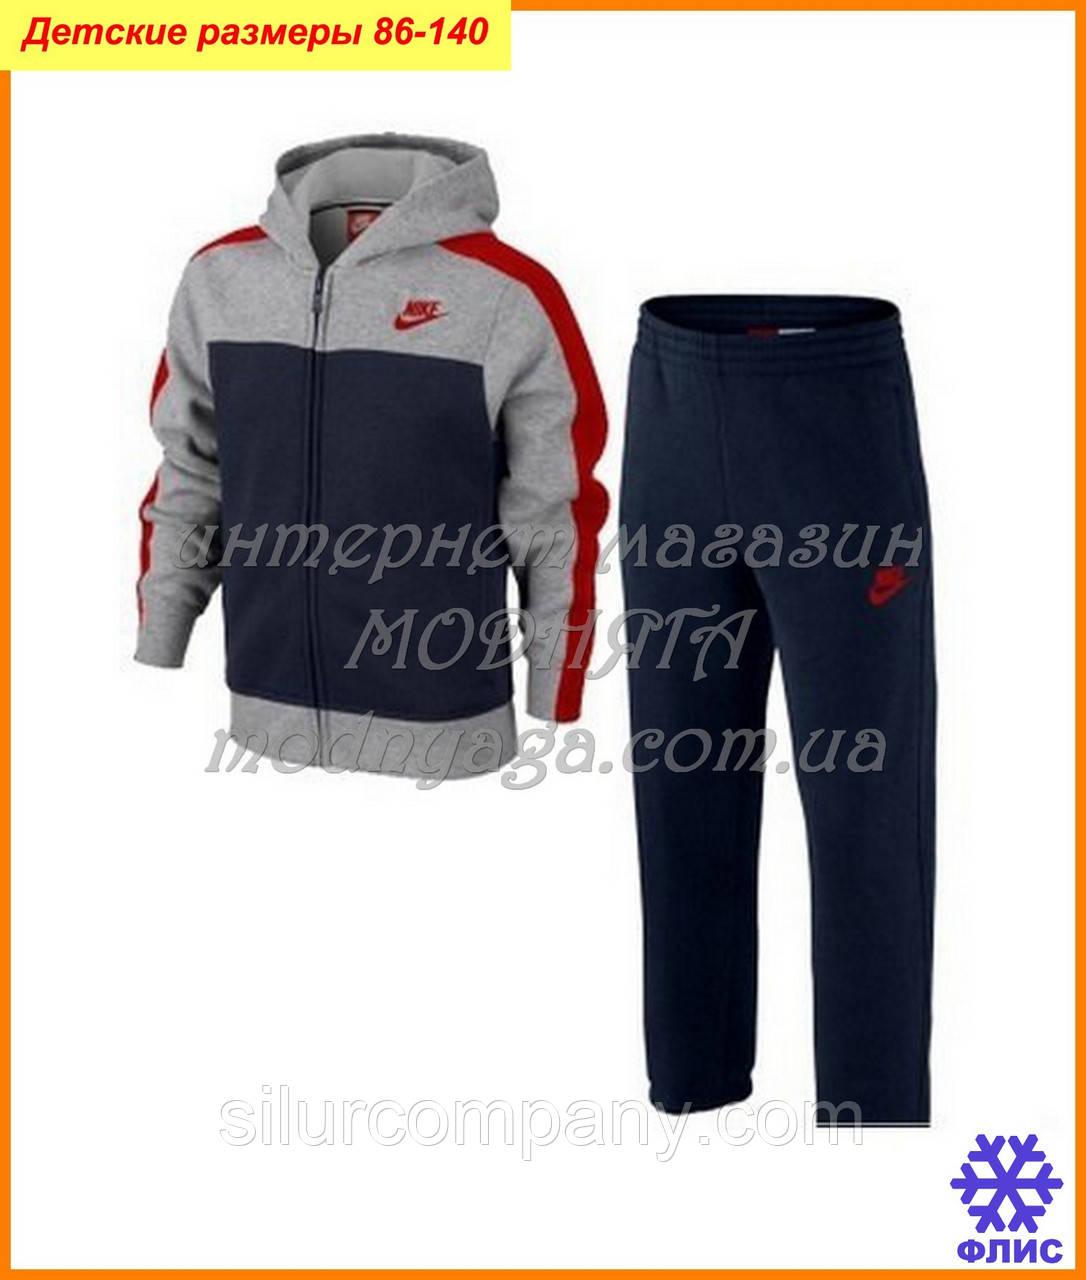 db68af14 Утепленный спортивный костюм найк - детские размеры - Интернет магазин